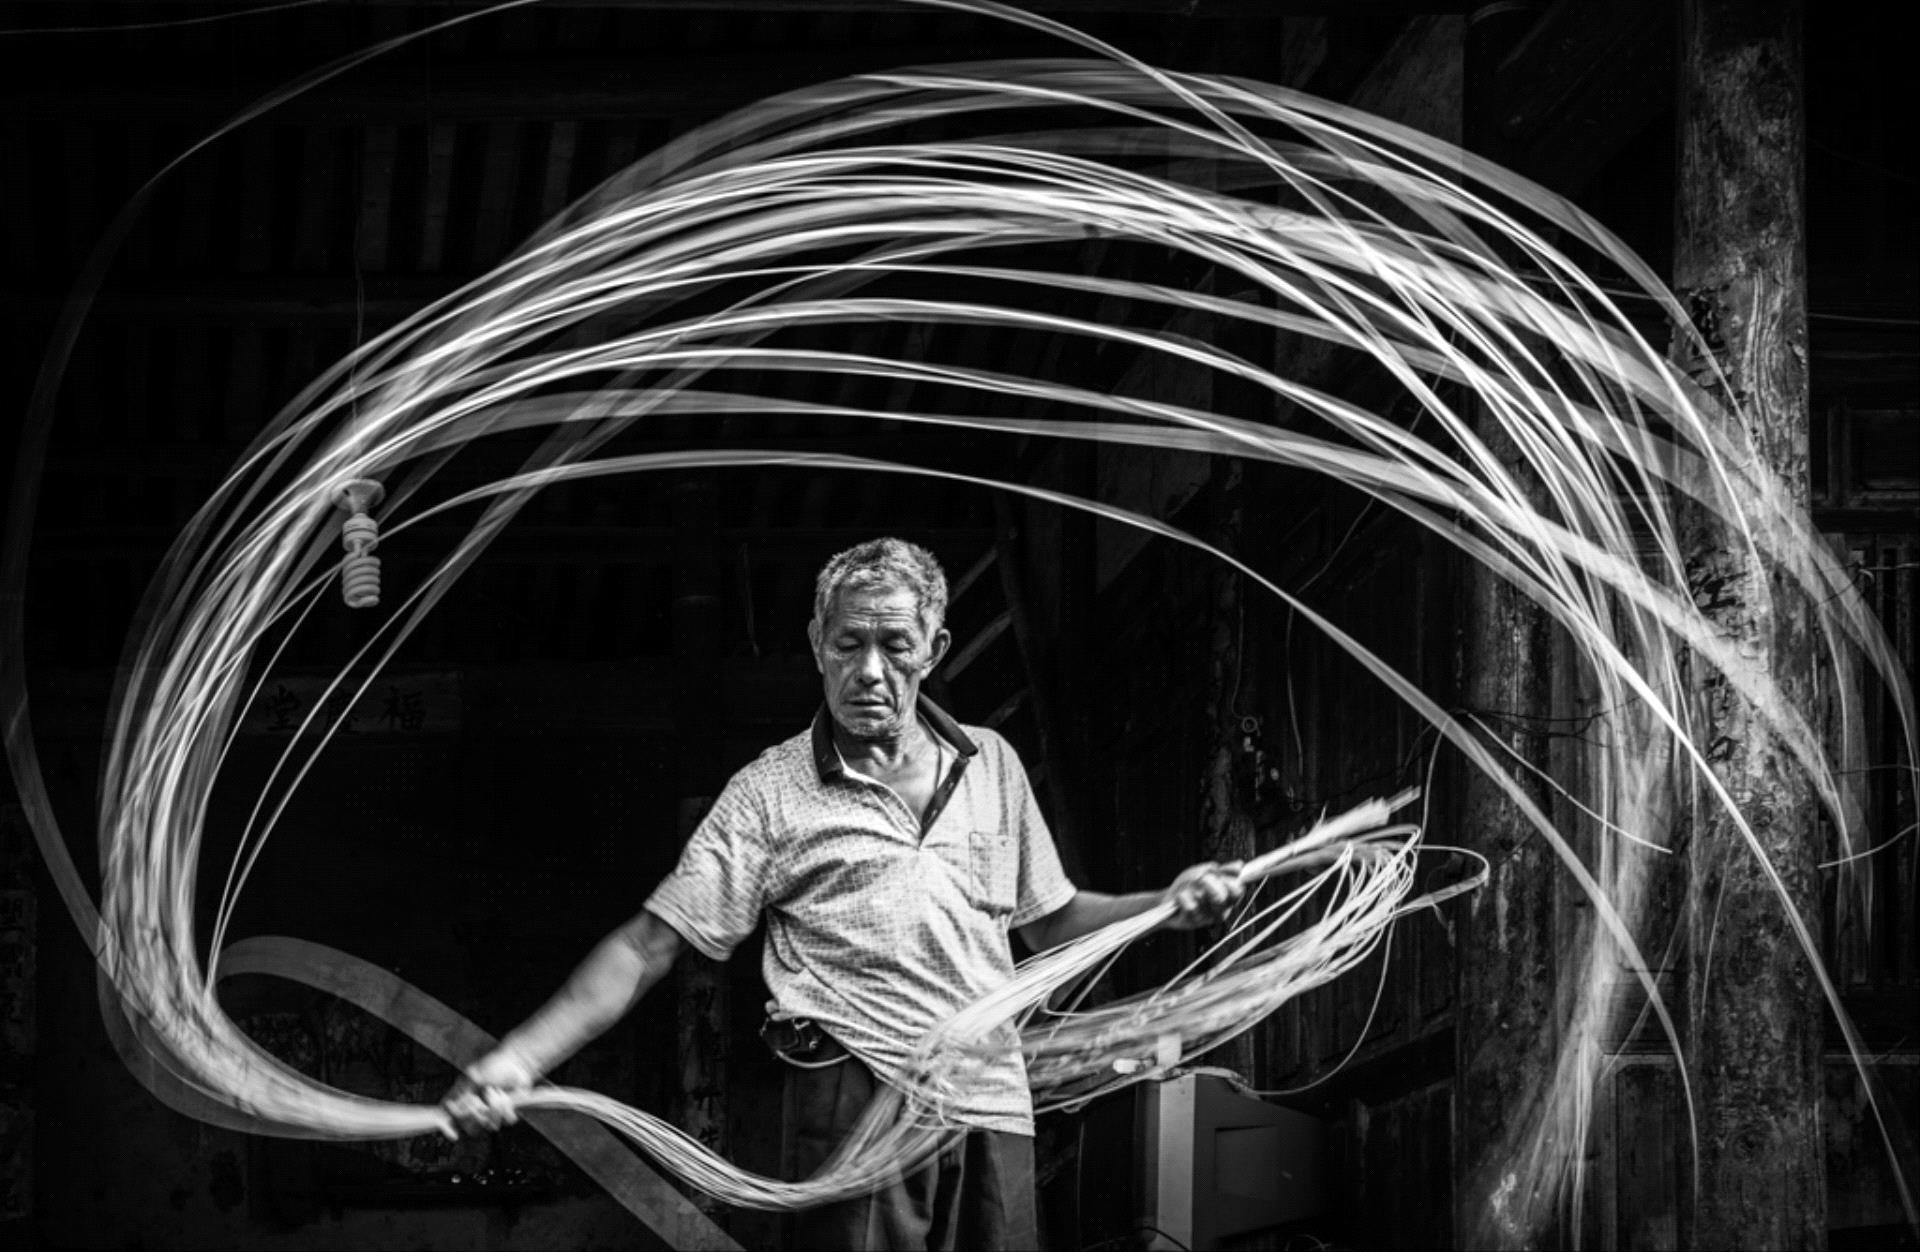 PSA Silver Medal - Rongli Hua (China)  Handmade Bamboo Strips